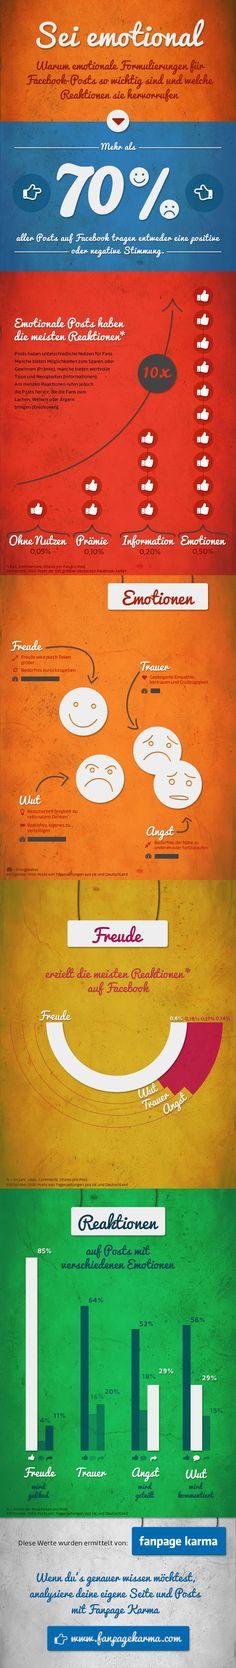 Mit Emotionen Interaktion steigern  http://allfacebook.de/zahlen_fakten/infografik-mit-emotionen-gezielt-interaktionen-steigern